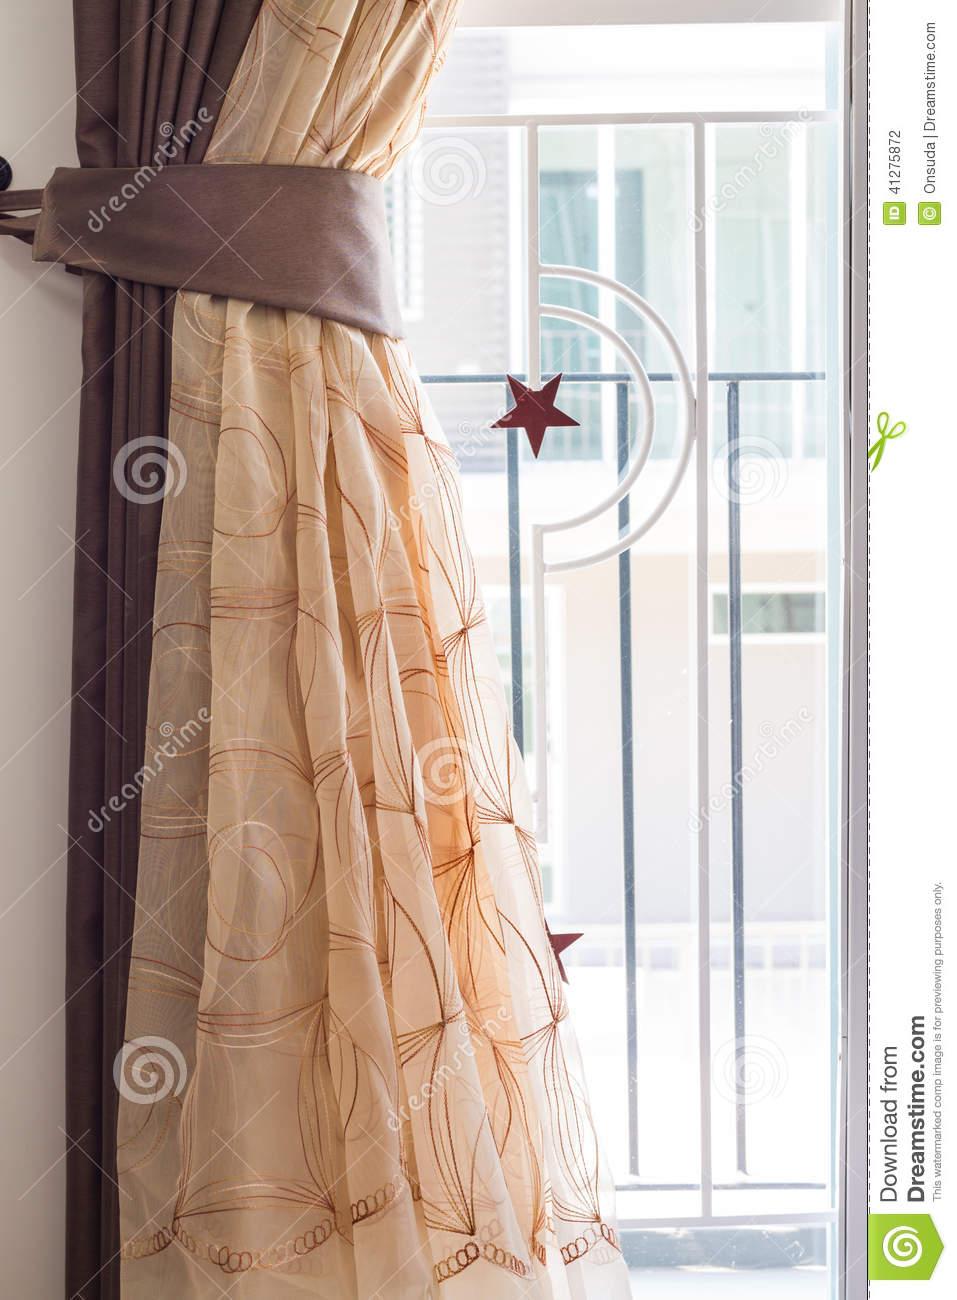 Full Size of Vorhang Und Gebogener Stahl Stockfoto Bild Von Wohnzimmer Bad Küche Wohnzimmer Vorhang Terrassentür